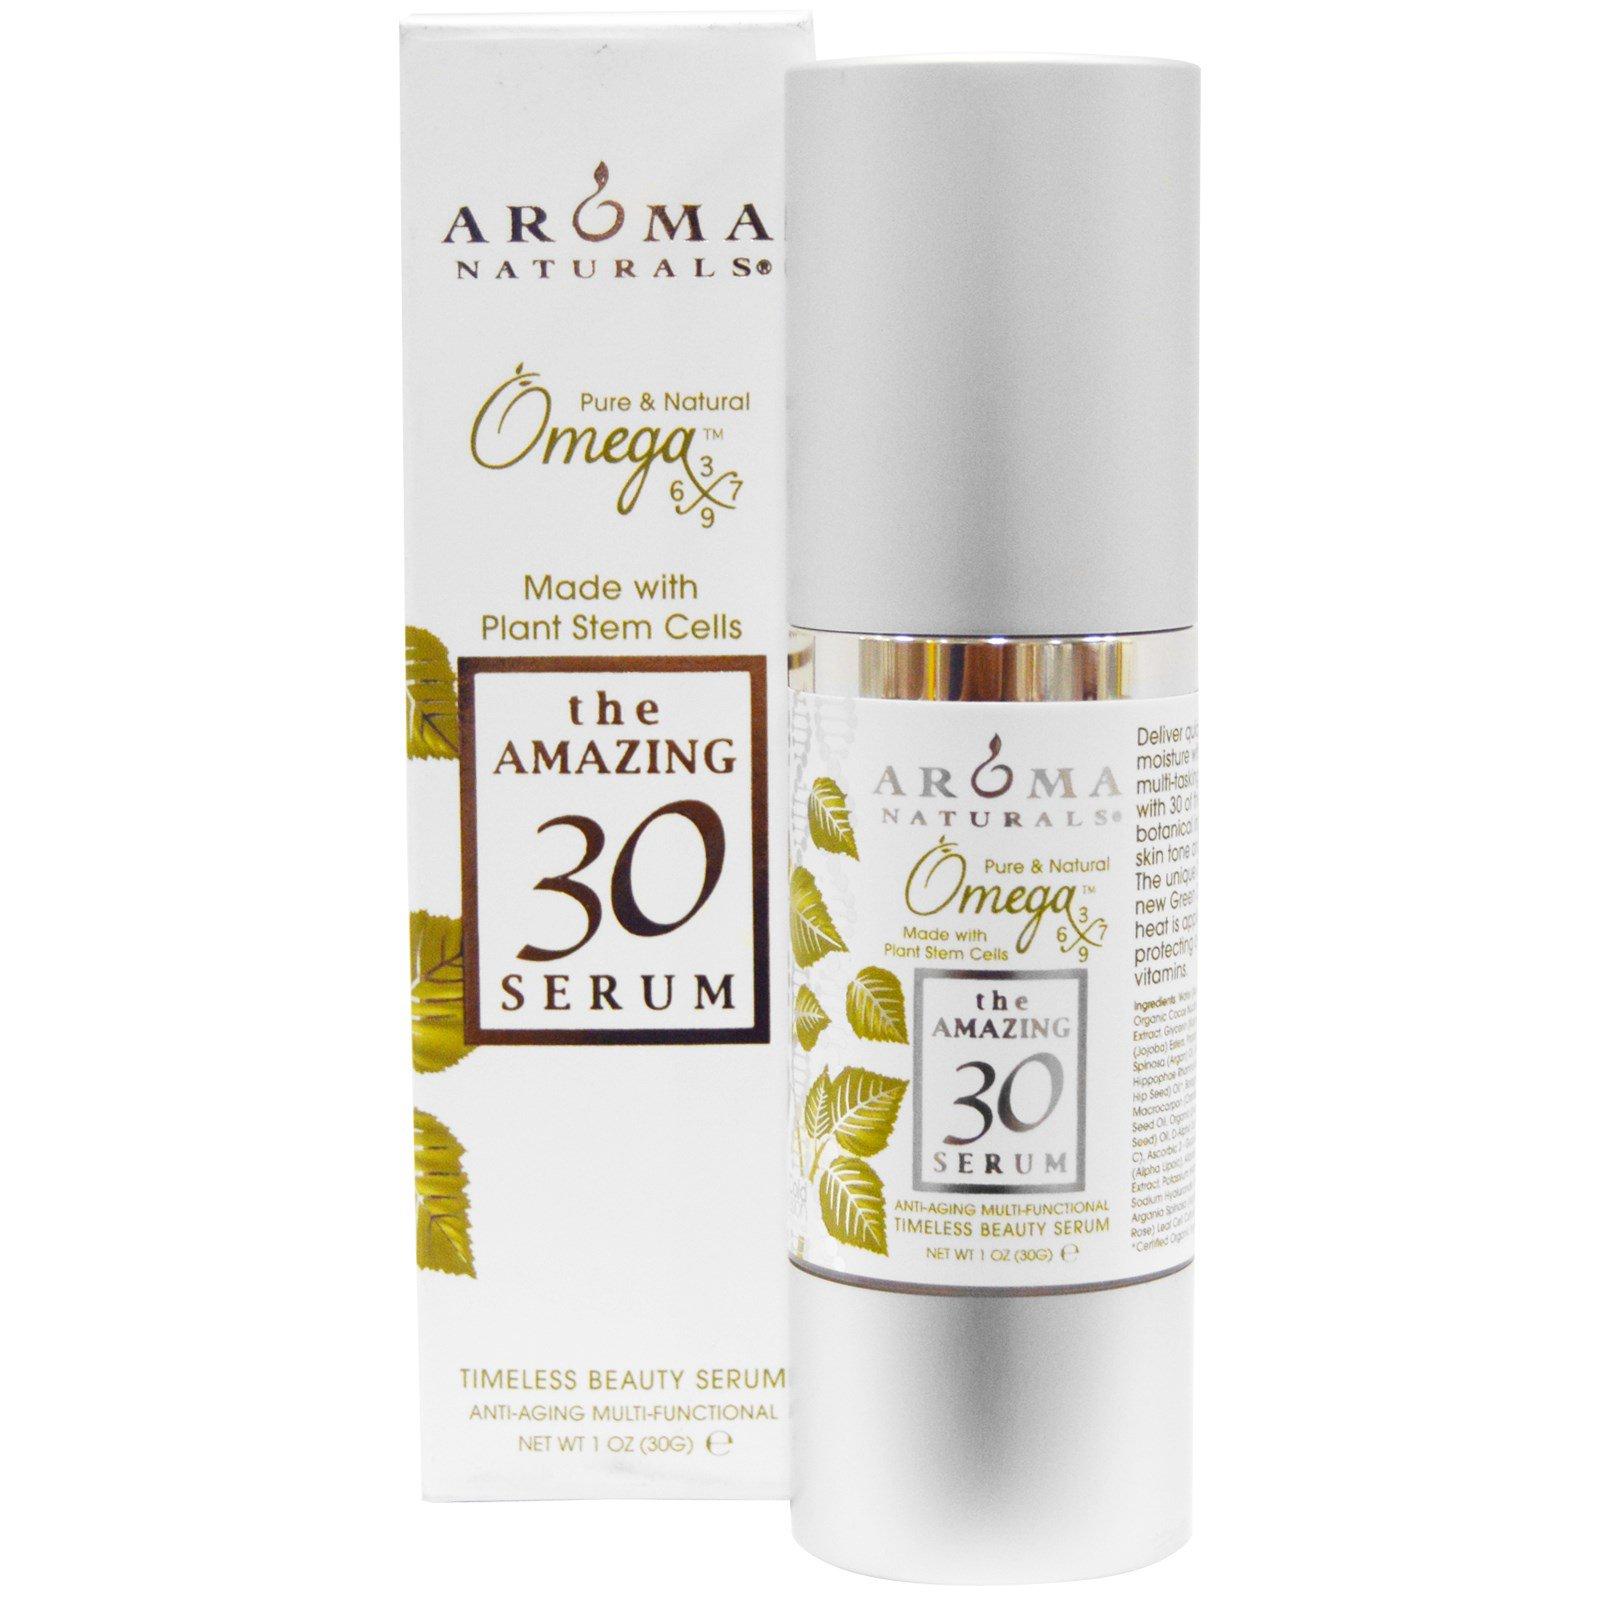 Aroma Naturals, The Amazing 30 Serum, многофункциональная омолаживающая сыворотка, 1 унция (30 г)